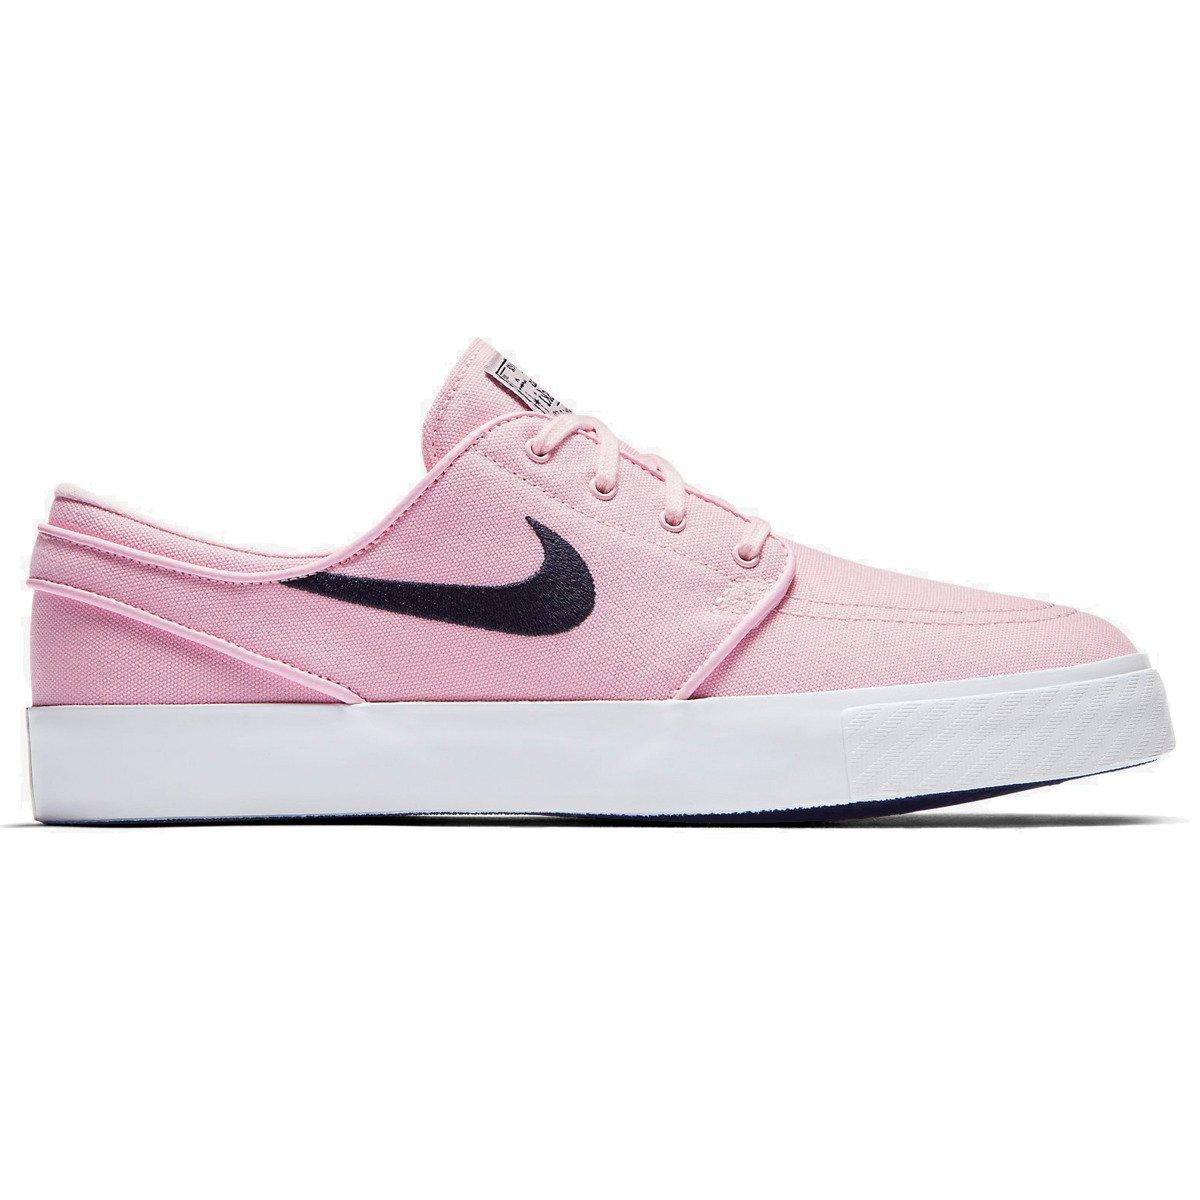 Nowa kolekcja sklep dyskontowy najlepiej sprzedający się buty nike zoom sb stefan janoski canvas prism pink/obsidian